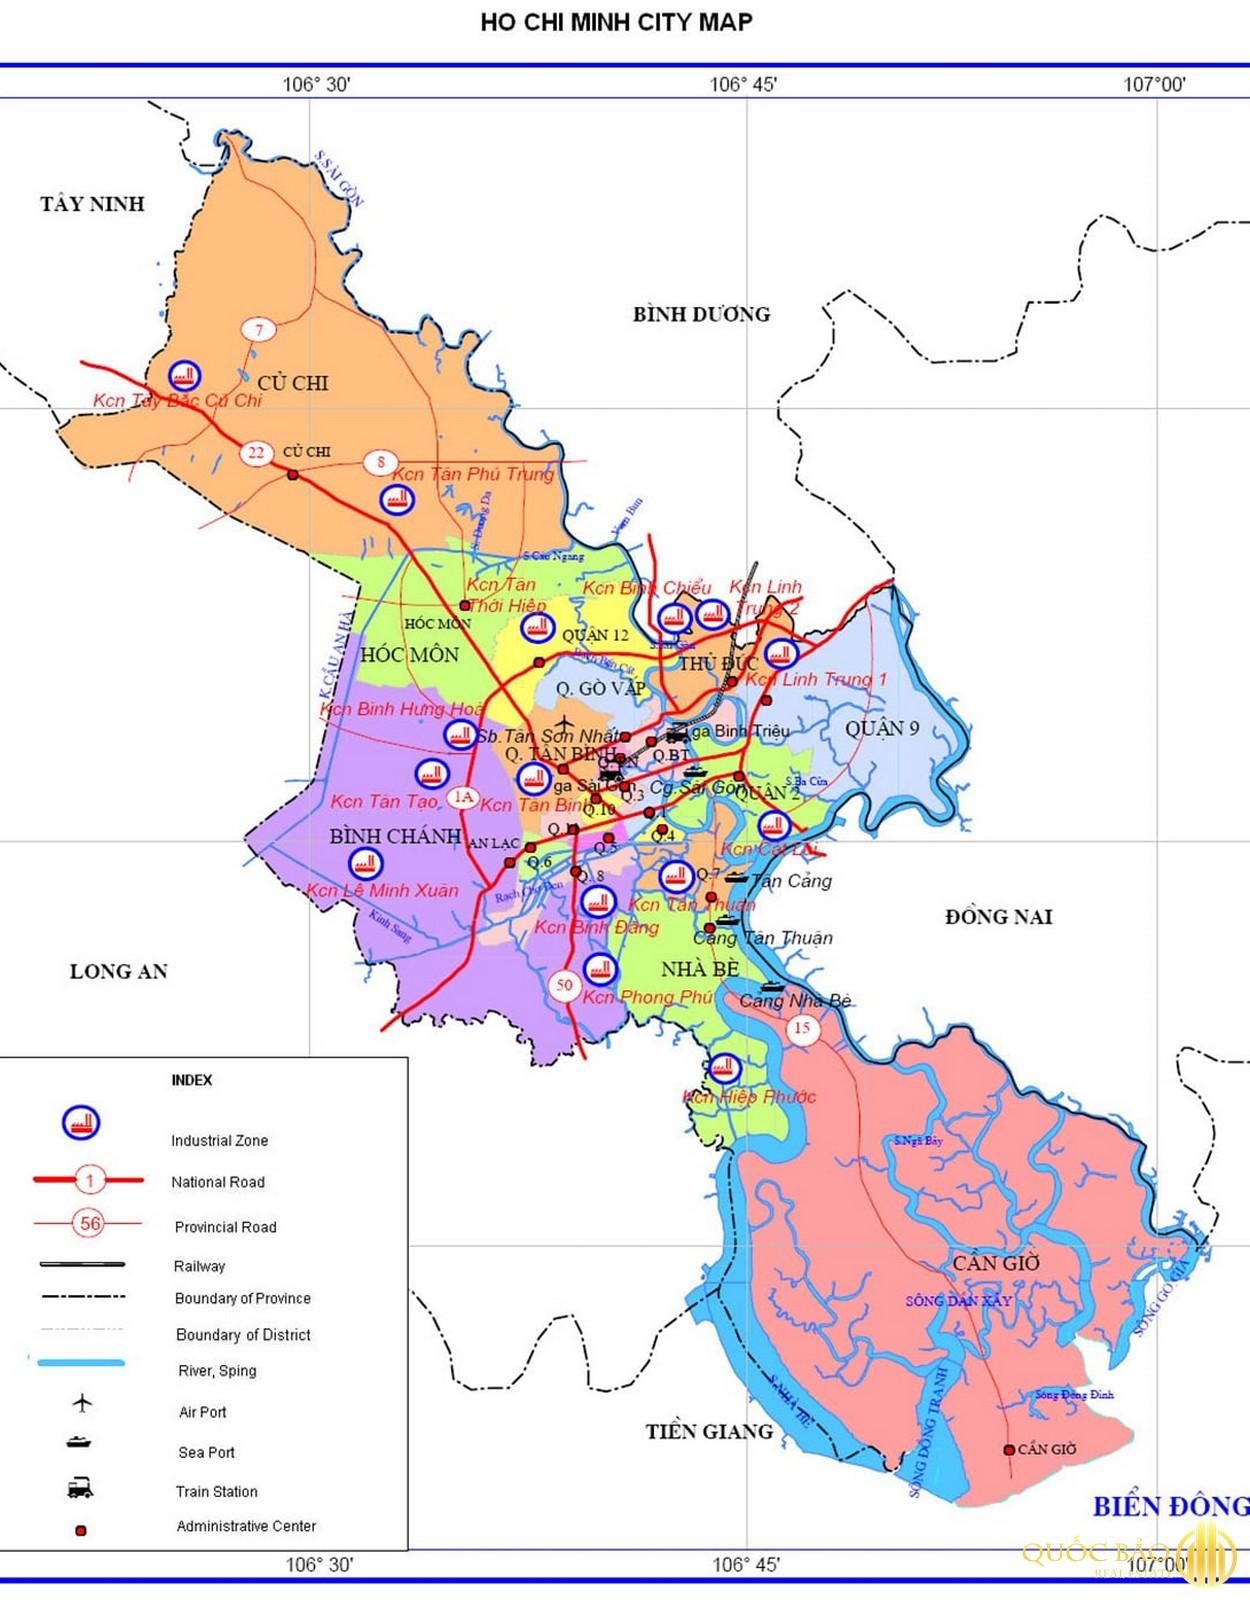 Bản đồ thành phố Hồ Chí Minh